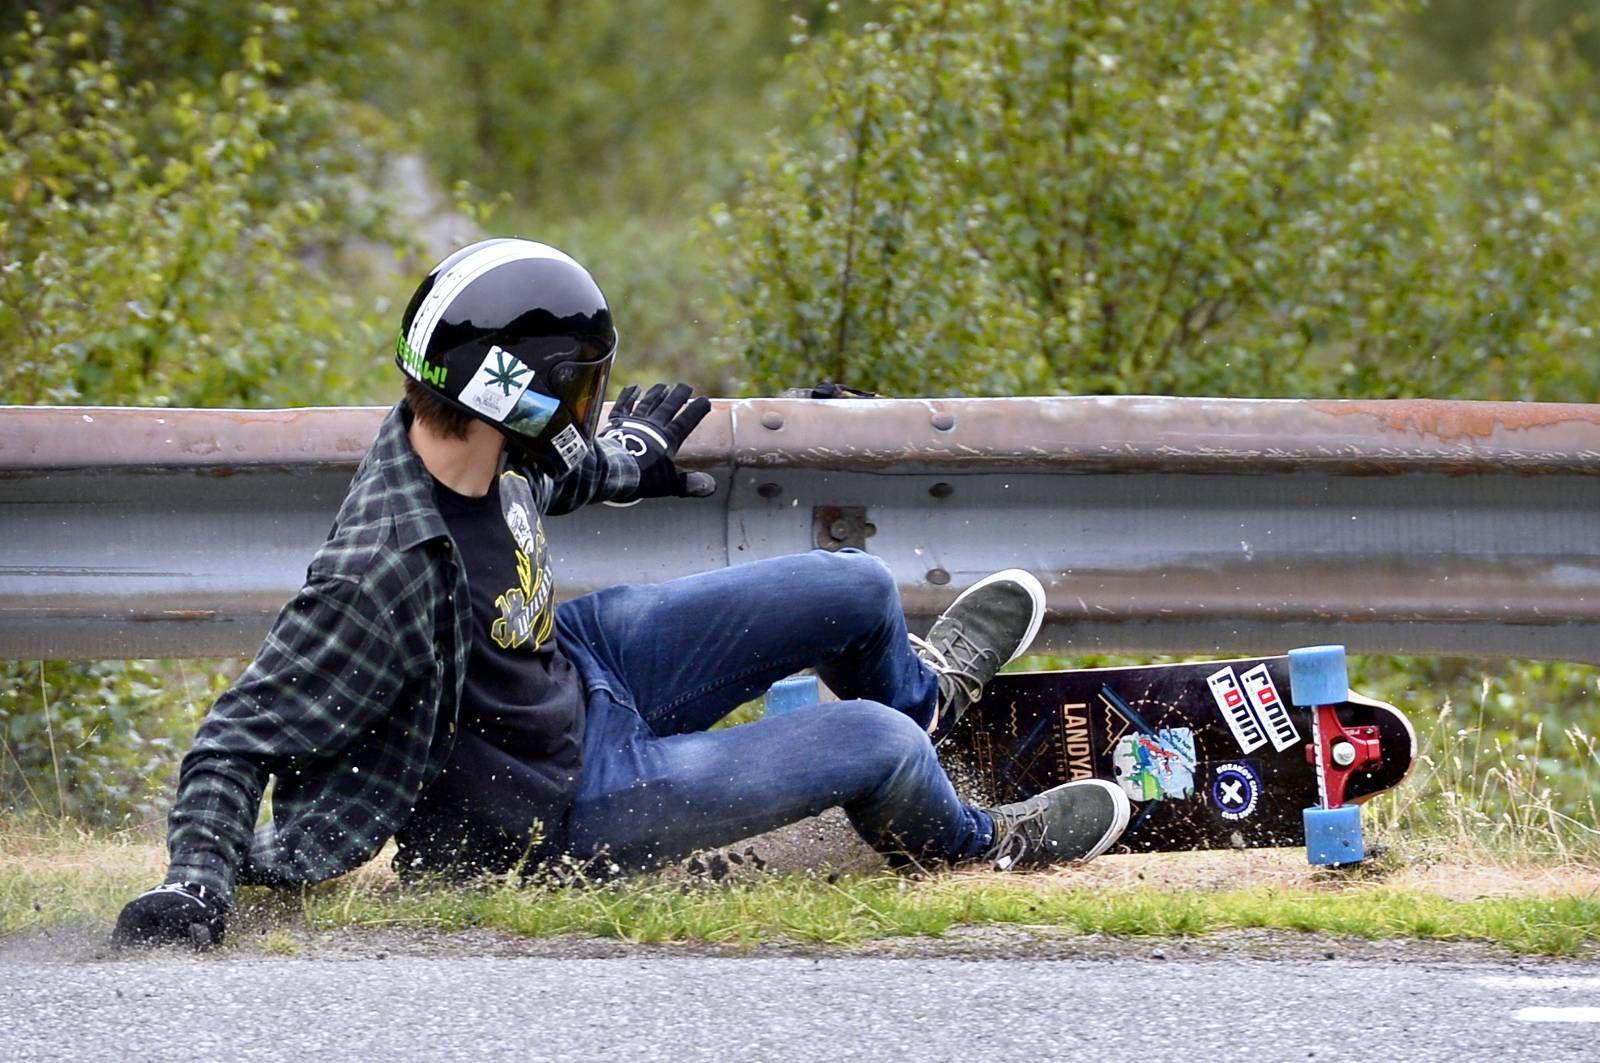 hekte skateboard dekk Anne og Erwan begynte dating